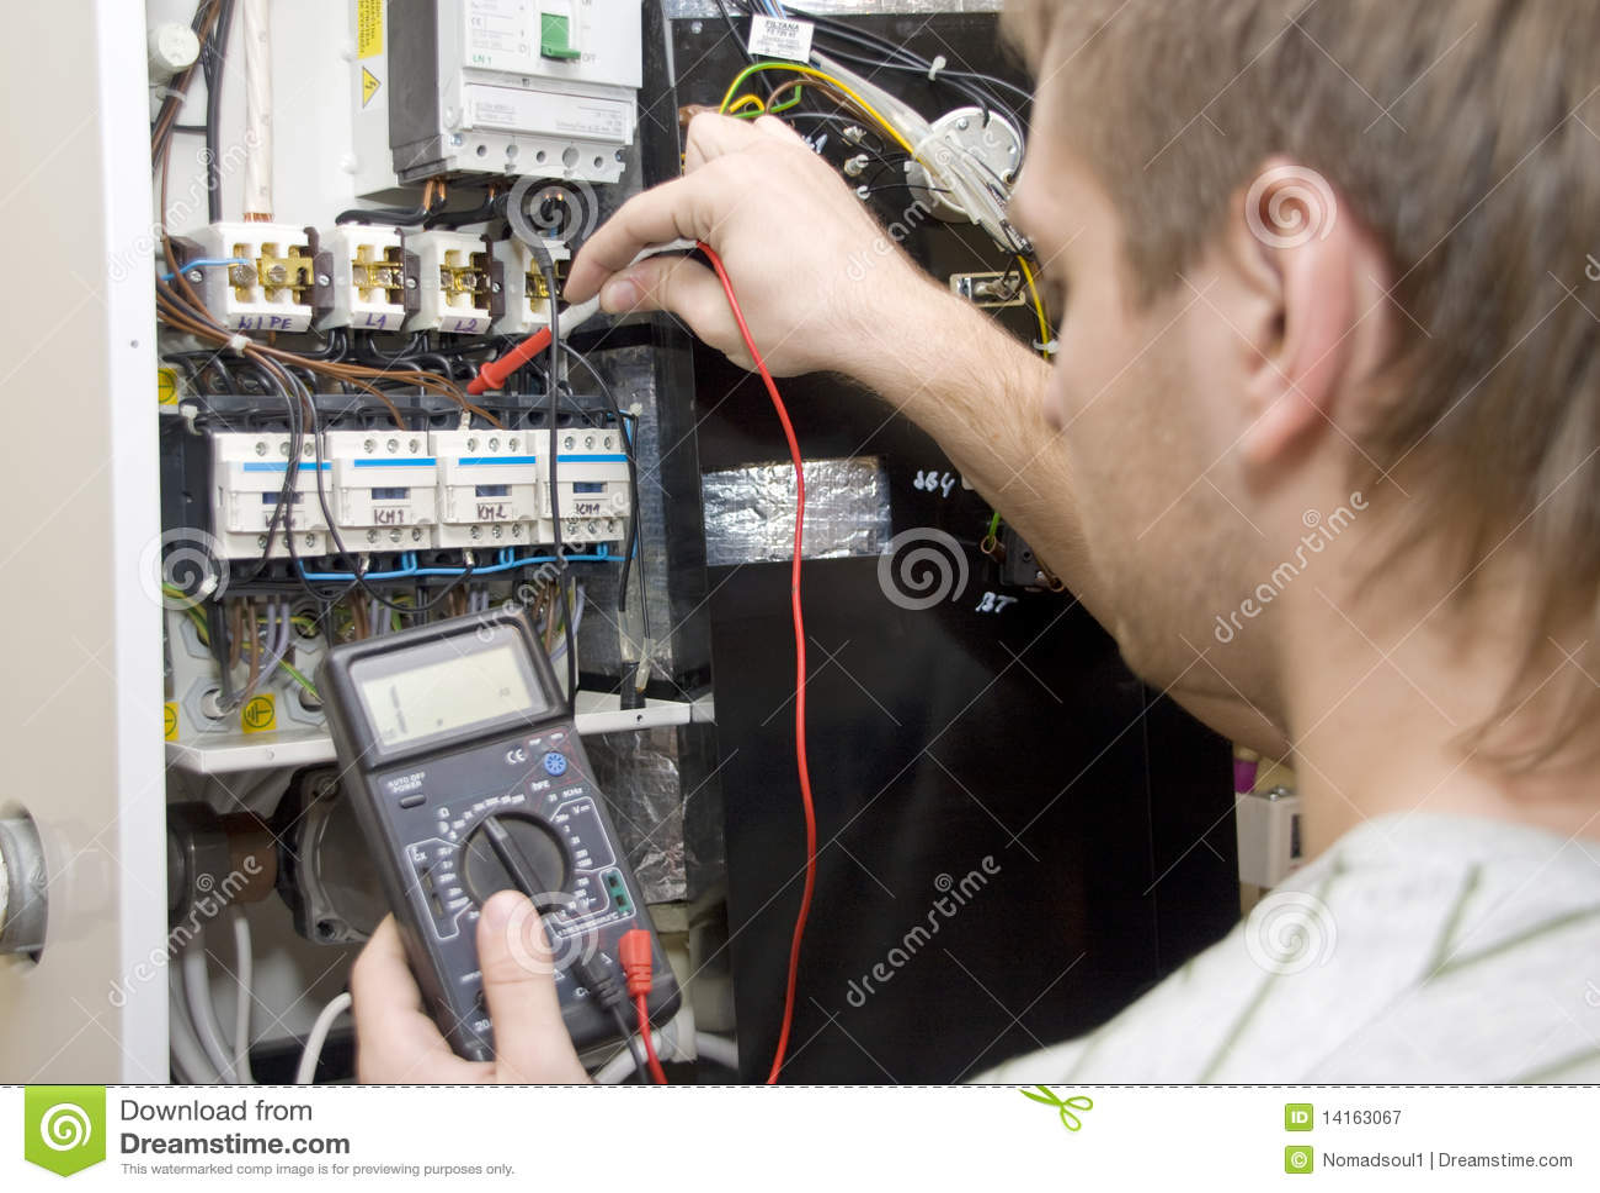 Скачать фото электрика в работе